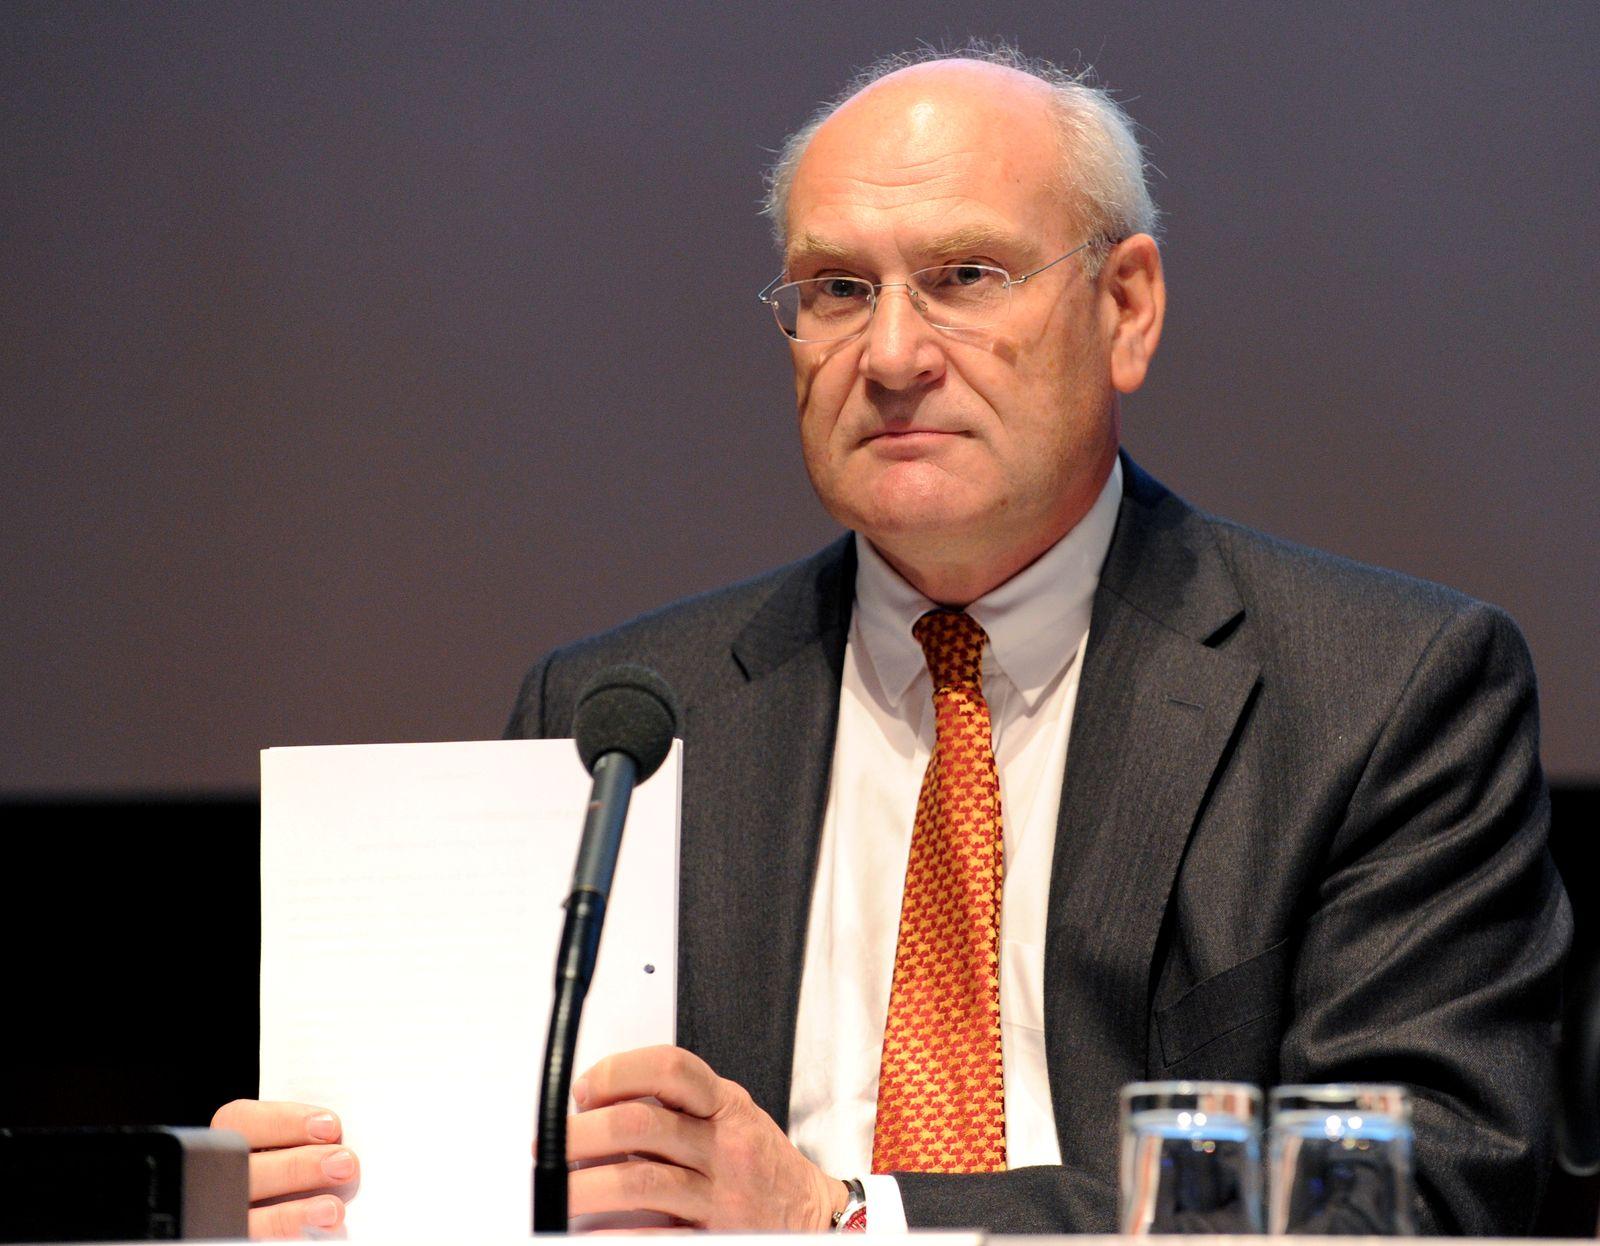 Dieter Ammer / Ex-Connergy AG